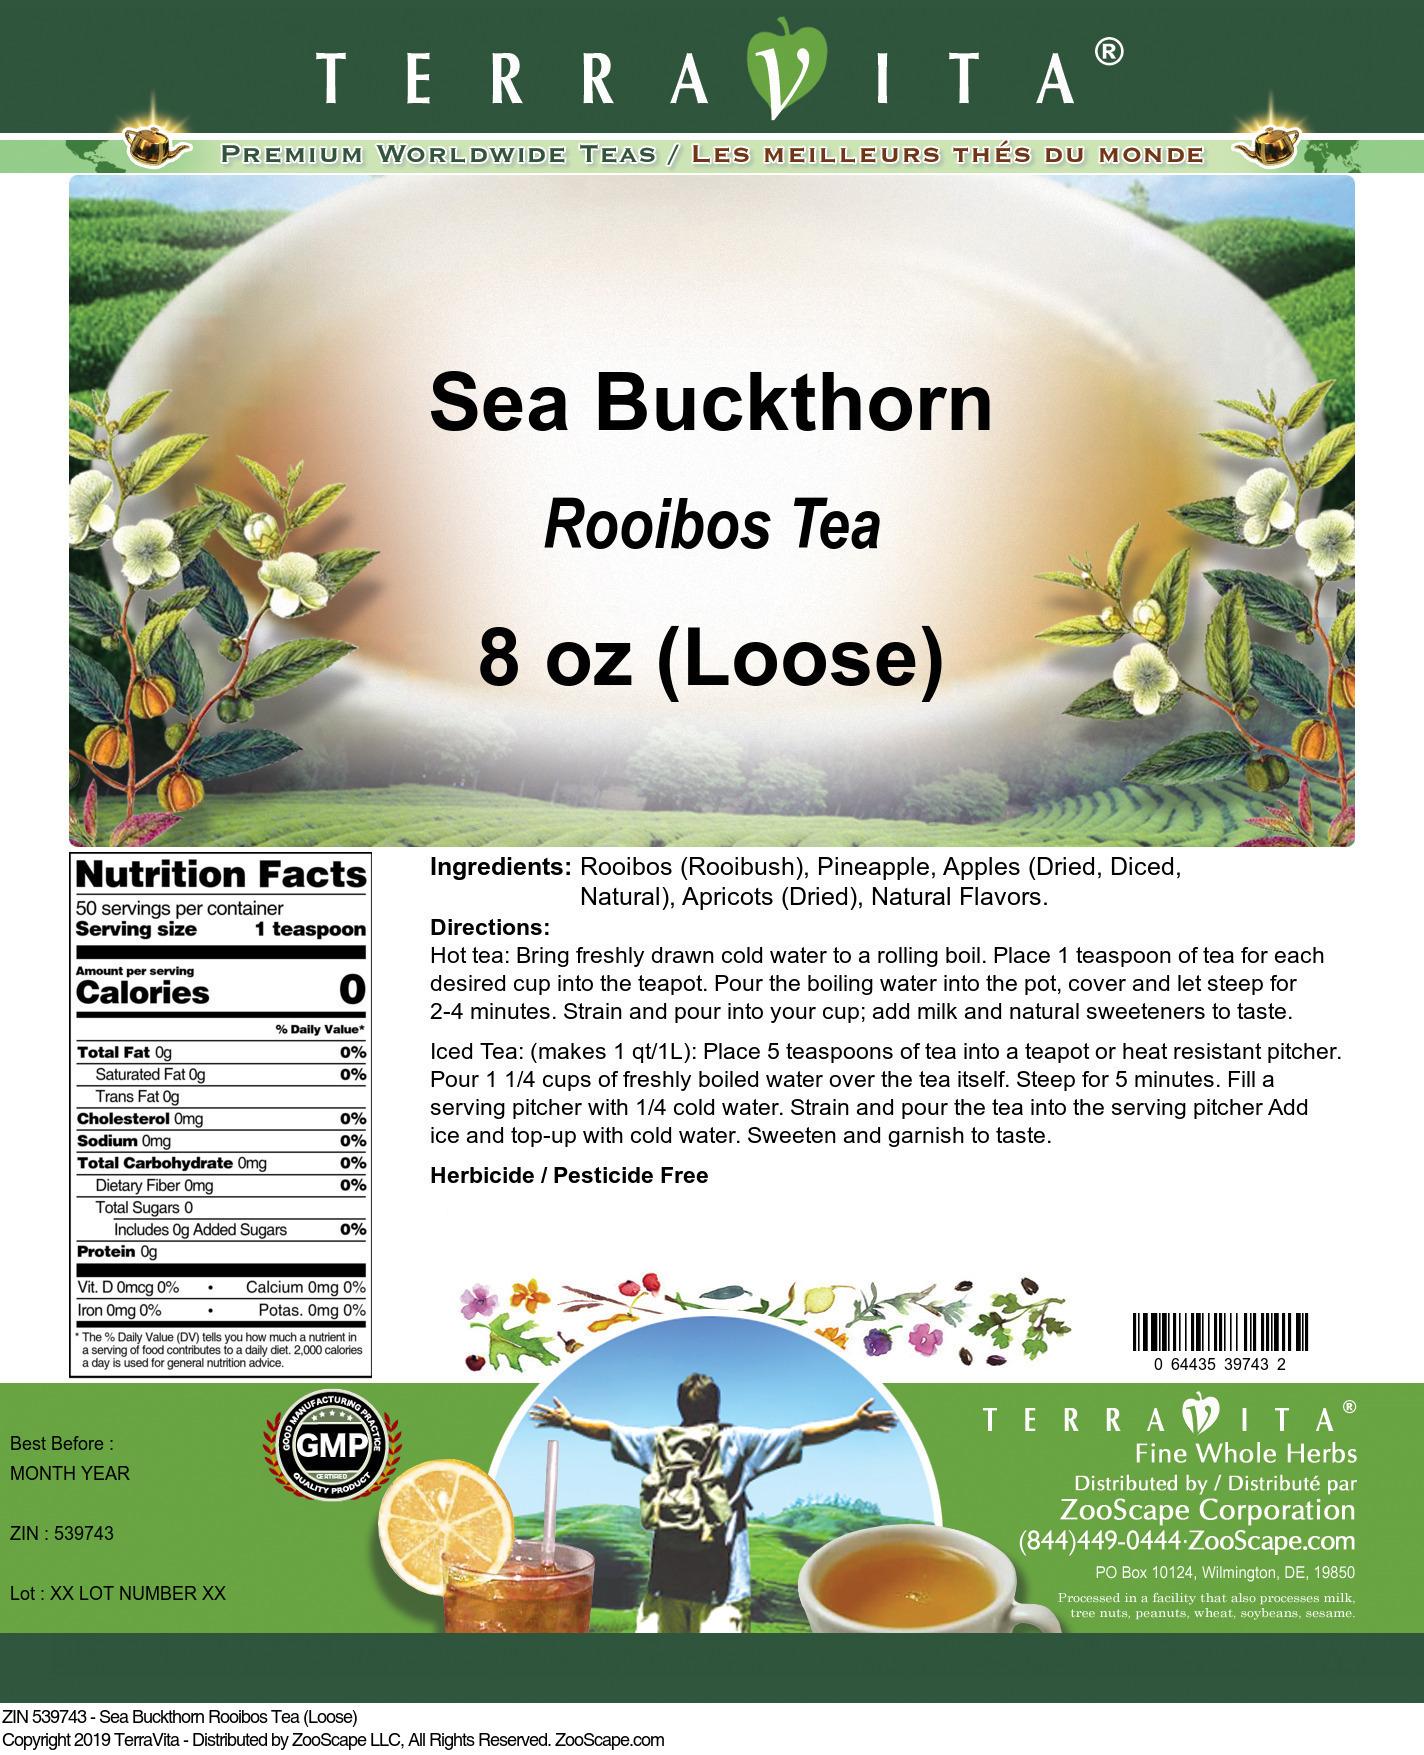 Sea Buckthorn Rooibos Tea (Loose)